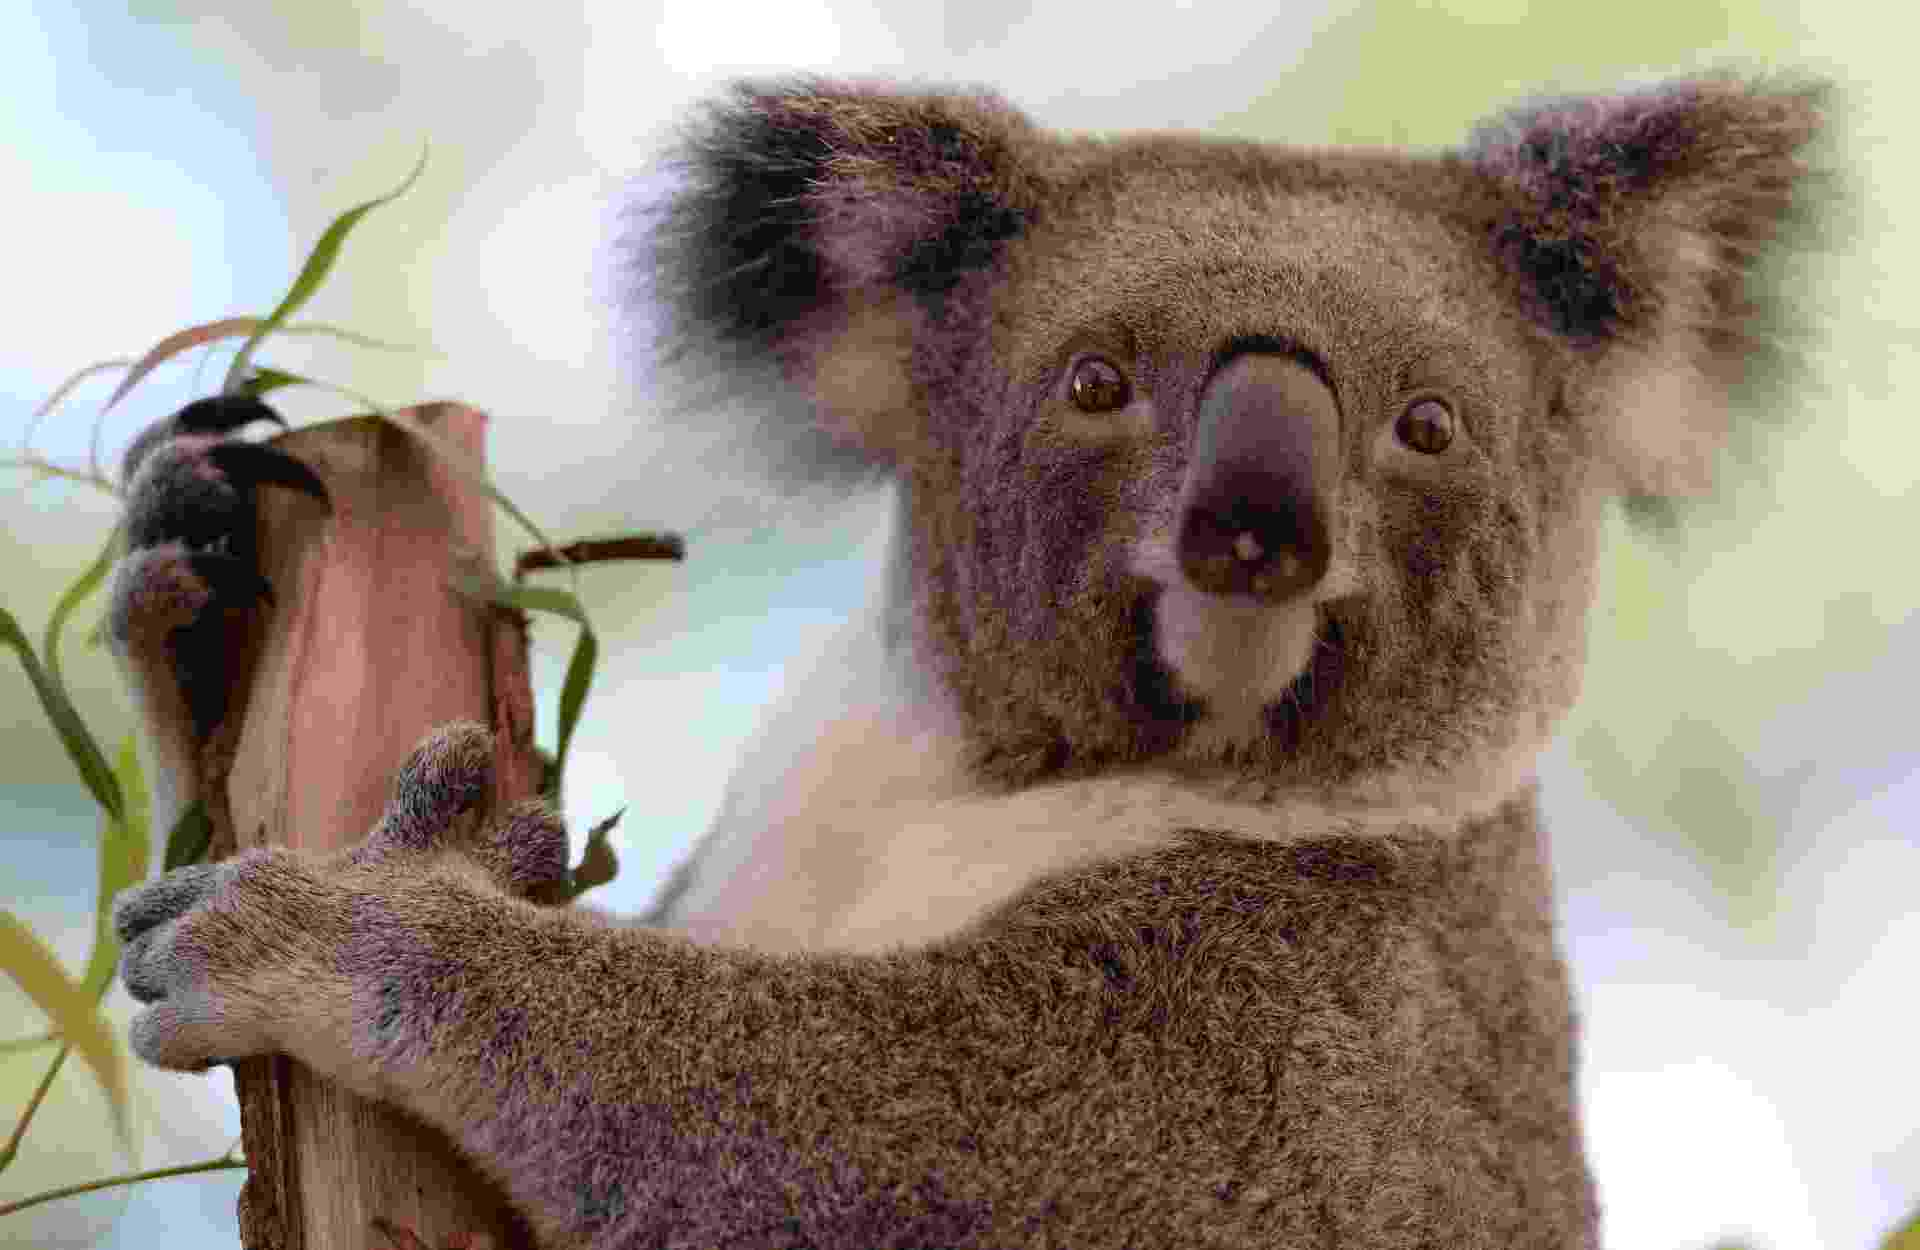 4.out.2013 - Símbolo do país, o coala corre risco de desaparecer com a escalada da temperatura na Austrália, mostra estudo da Universidade de Sydney. As árvores grandes e maduras com folhagens densas são fundamentais para sua sobrevivência, pois, em eventos de extremo calor durante o dia, o marsupial tende a escalar essas árvores maiores para se refrescar. O problema, dizem os estudiosos, é que o calor pode causar grandes incêndios florestais e destruir esses abrigos dos animais - Greg Wood/AFP